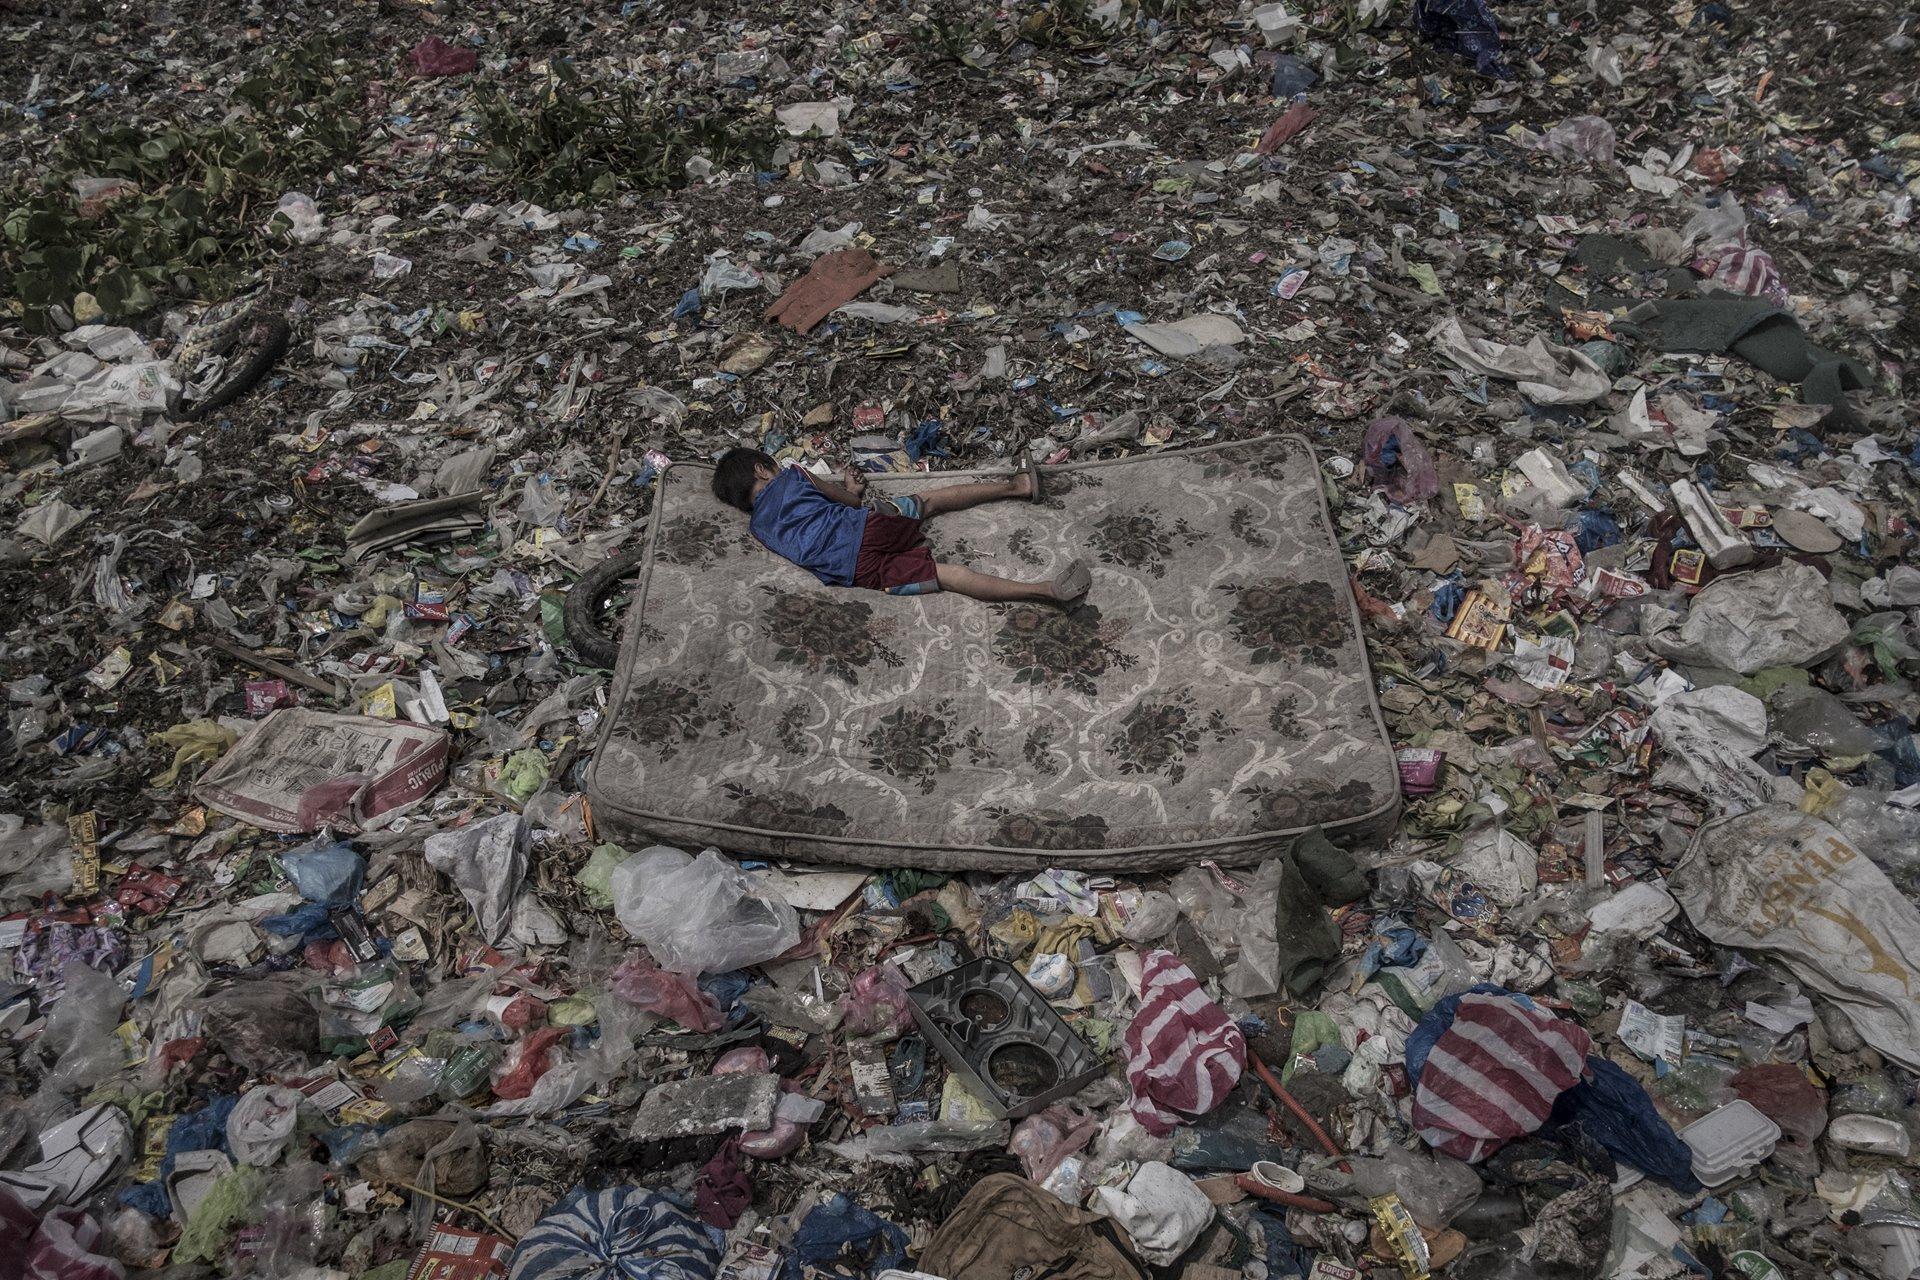 Un niño que recolecta material reciclable yace en un colchón rodeado de basura flotando en el río Pasig, en Manila, Filipinas. El río Pasig fue declarado biológicamente muerto en la década de 1990, debido a una combinación de contaminación industrial y desechos que son arrojados por comunidades cercanas que viven sin la infraestructura de saneamiento adecuada / Foto: Mário Cruz